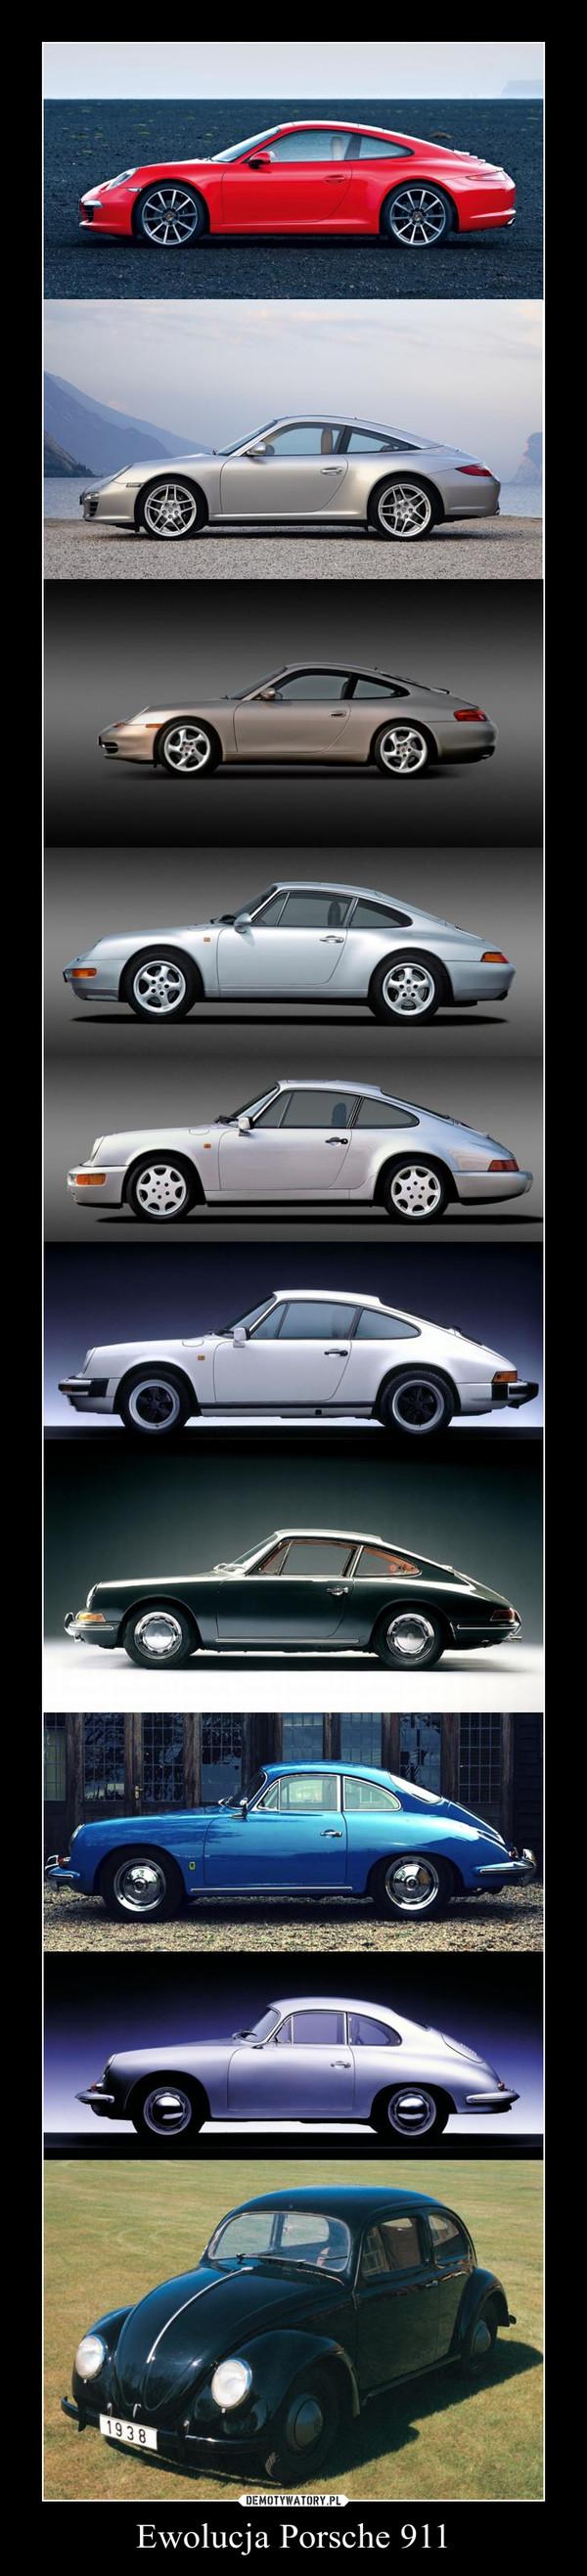 Ewolucja Porsche 911 –